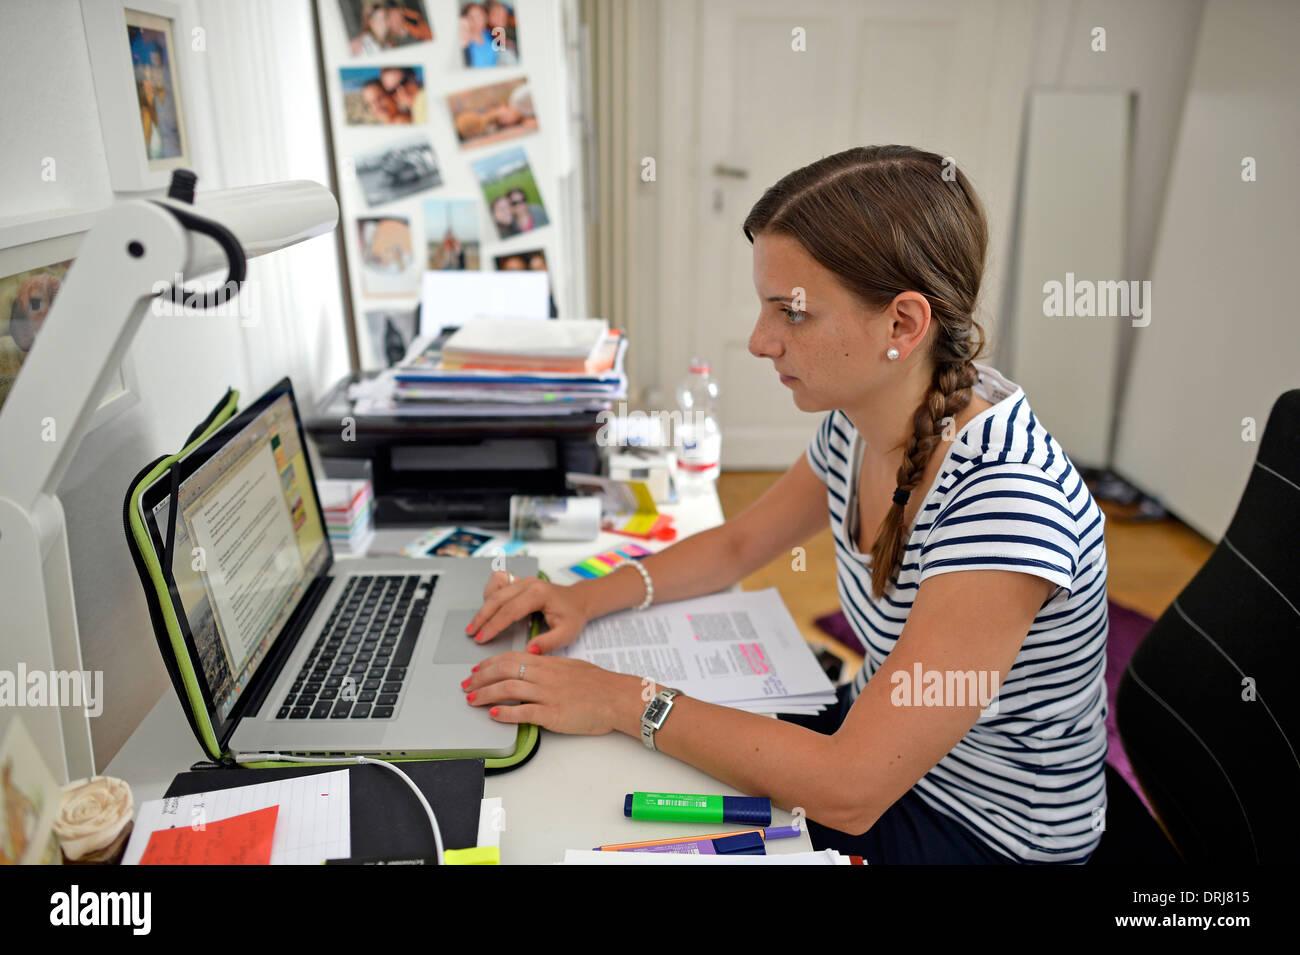 Junge Studentin Student gräbt vor Laptop Herr verfügbar schreibt Stockbild